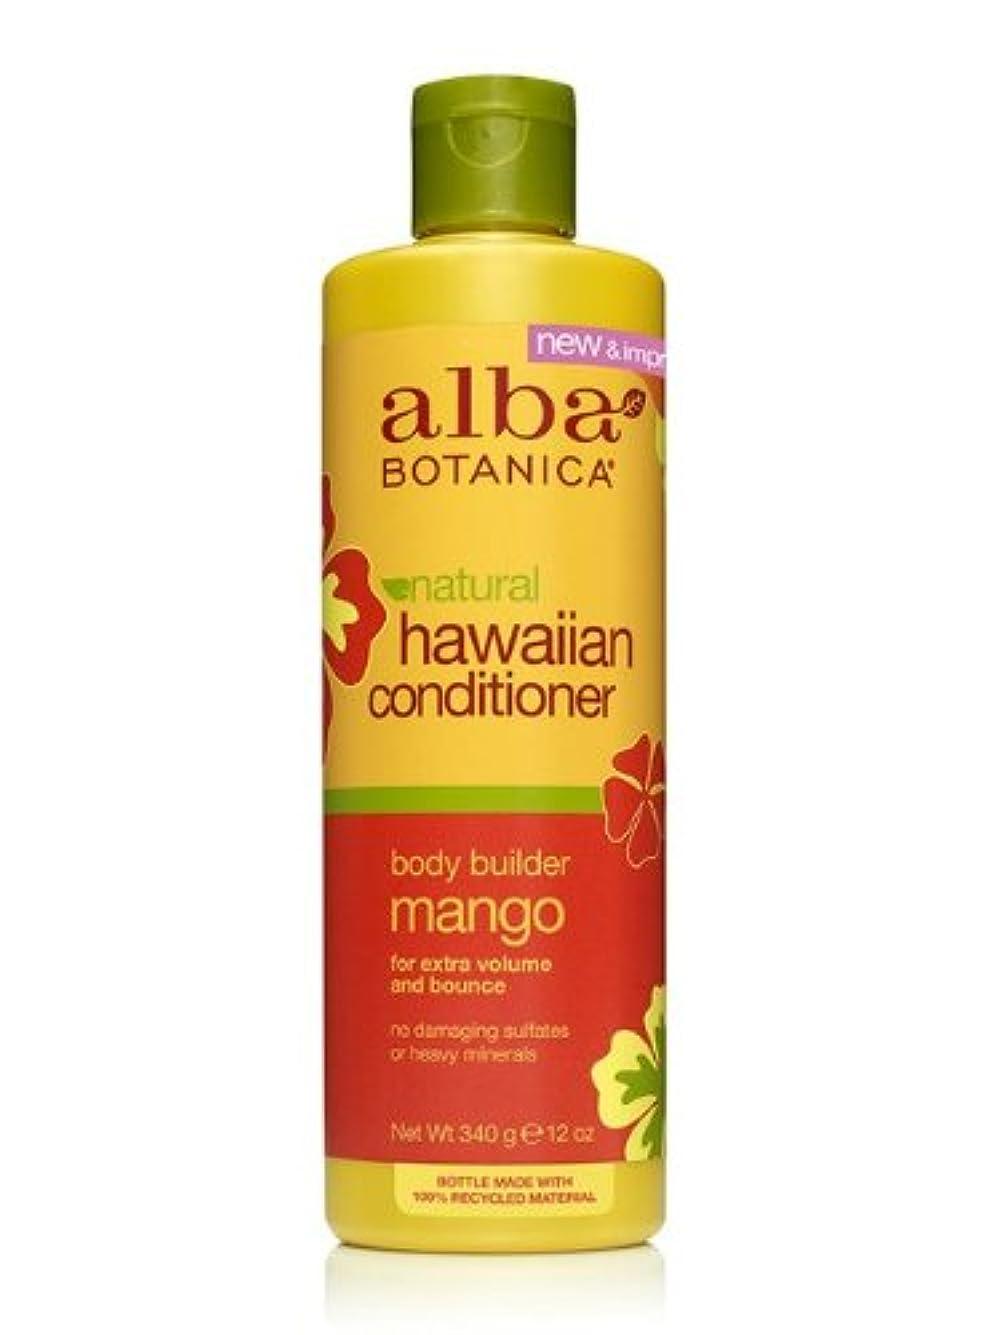 災害森泥alba BOTANICA アルバボタニカ ハワイアン ヘアコンディショナー MG マンゴー